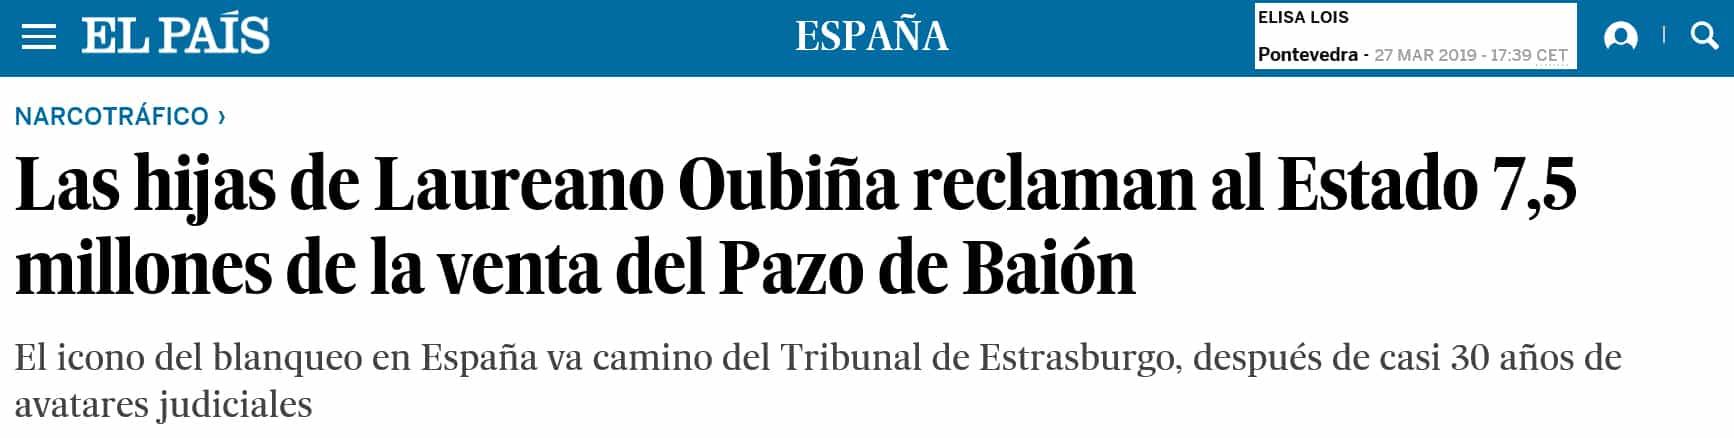 EL PAIS - LAUREANO OUBUÑA 28-3-2019 -1